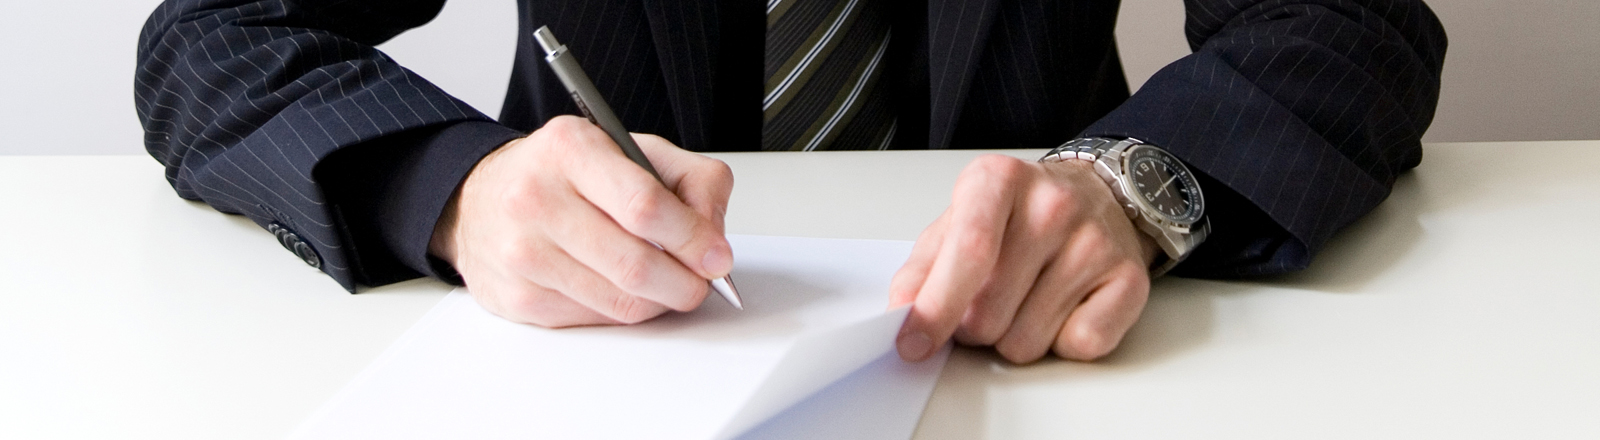 Mann im Anzug, der etwas auf ein Blatt schreibt.